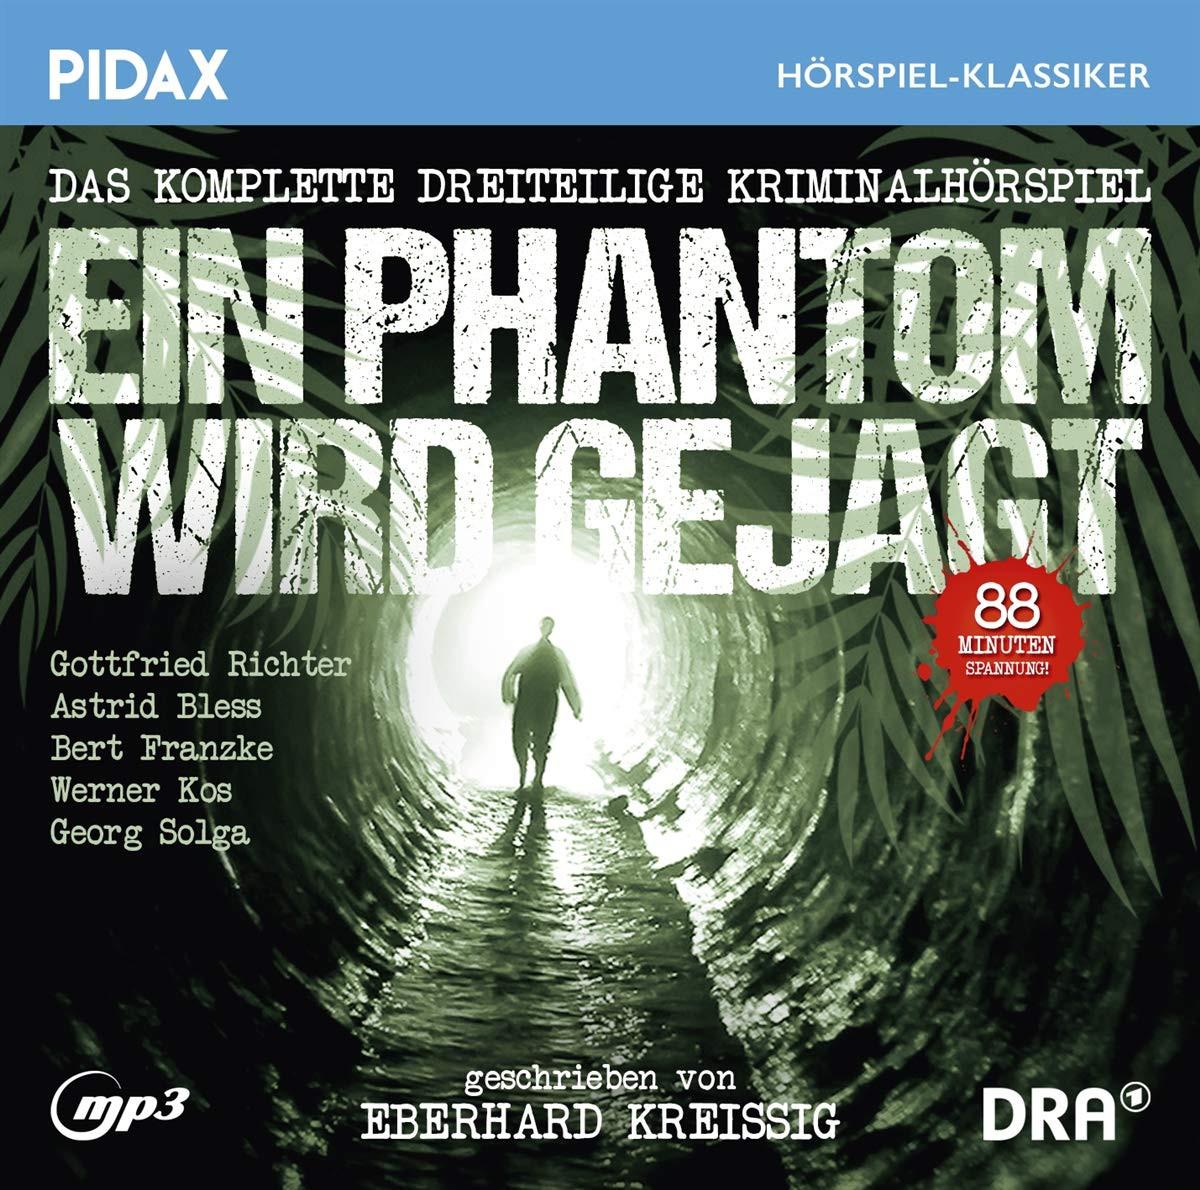 Pidax Hörspiel Klassiker - Ein Phantom wird gejagt